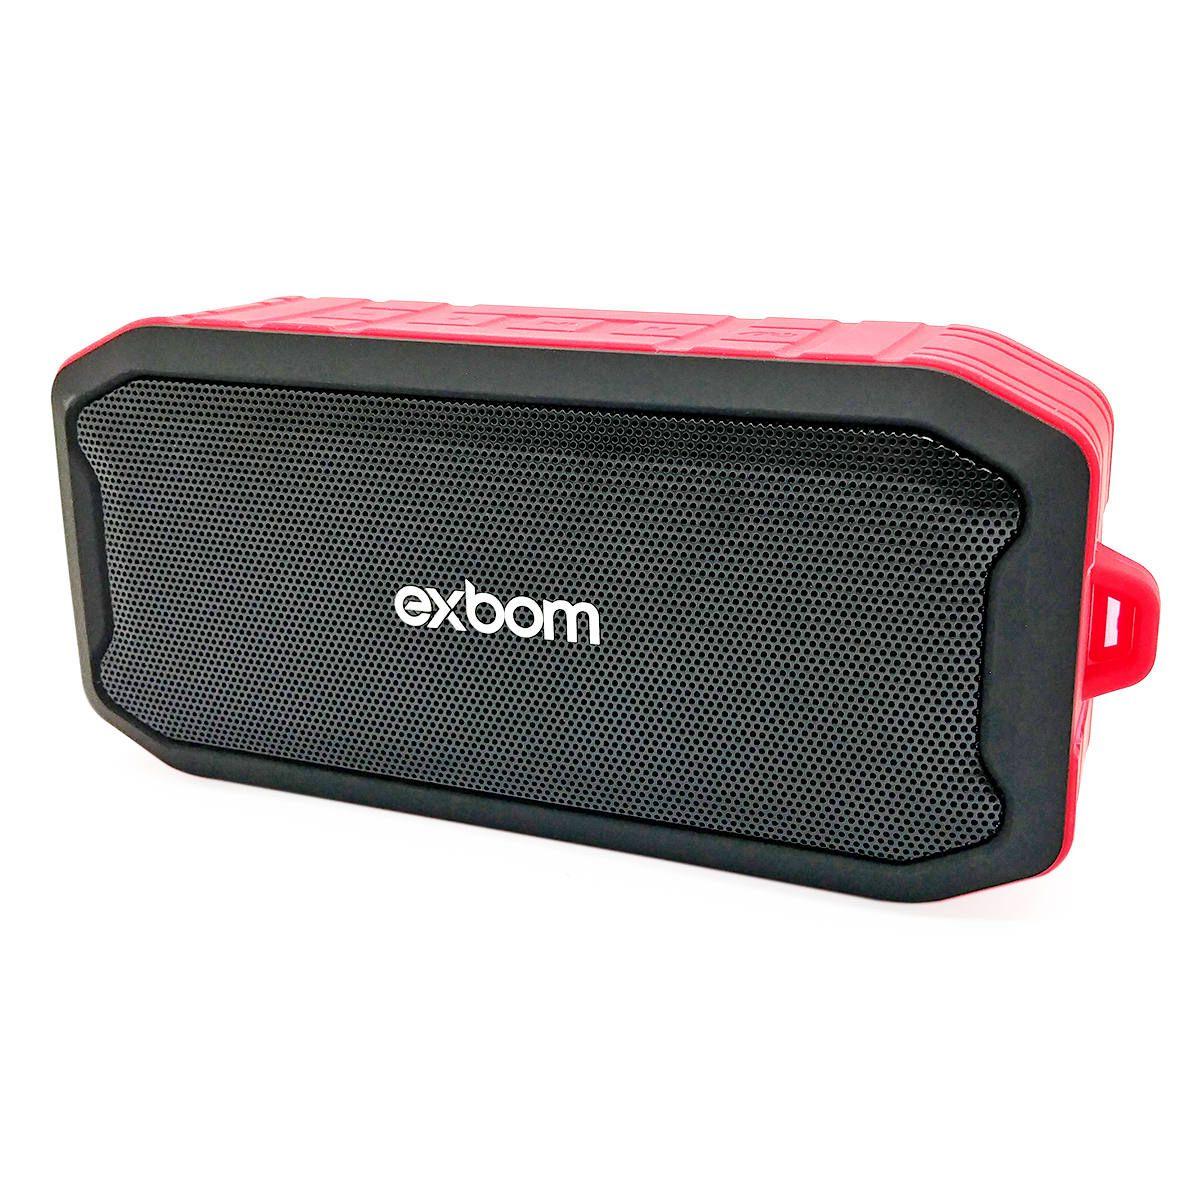 Caixa de Som Bluetooth à Prova d'Água IPX7 Acabamento Emborrachado FM USB SD P2 Exbom Panzer CS-M86BT Vermelha